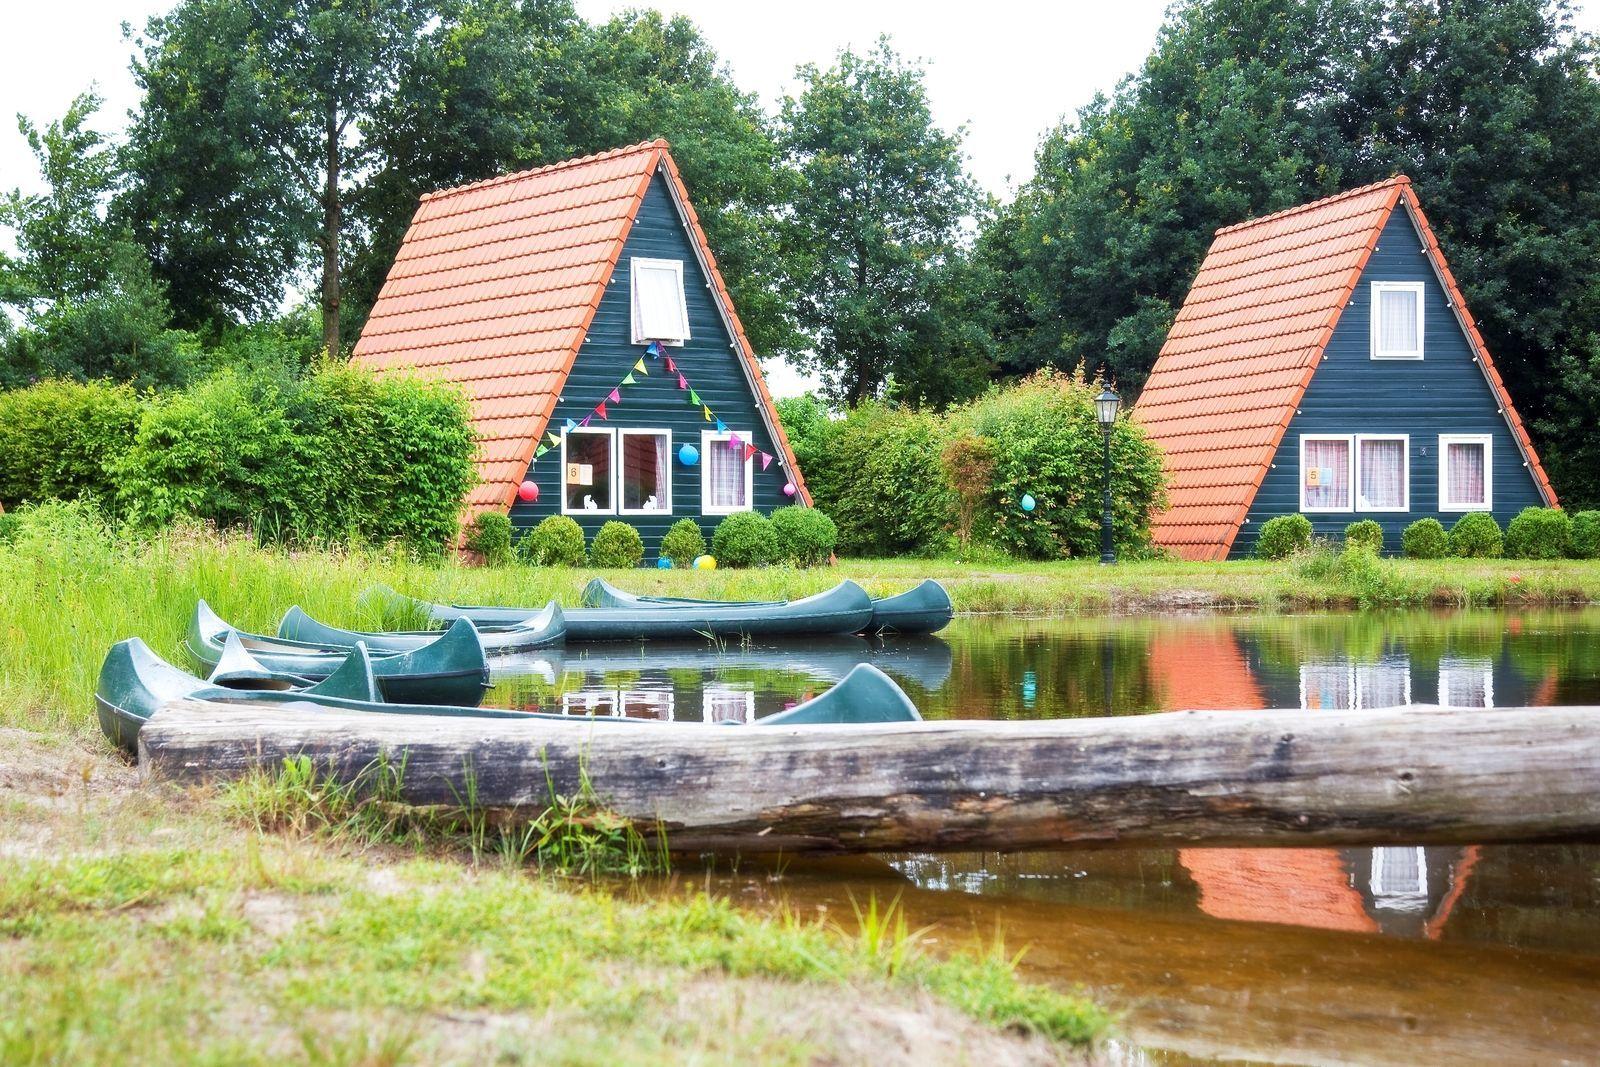 Das Blockhaus in Kombination mit 3 Fischerhäusern